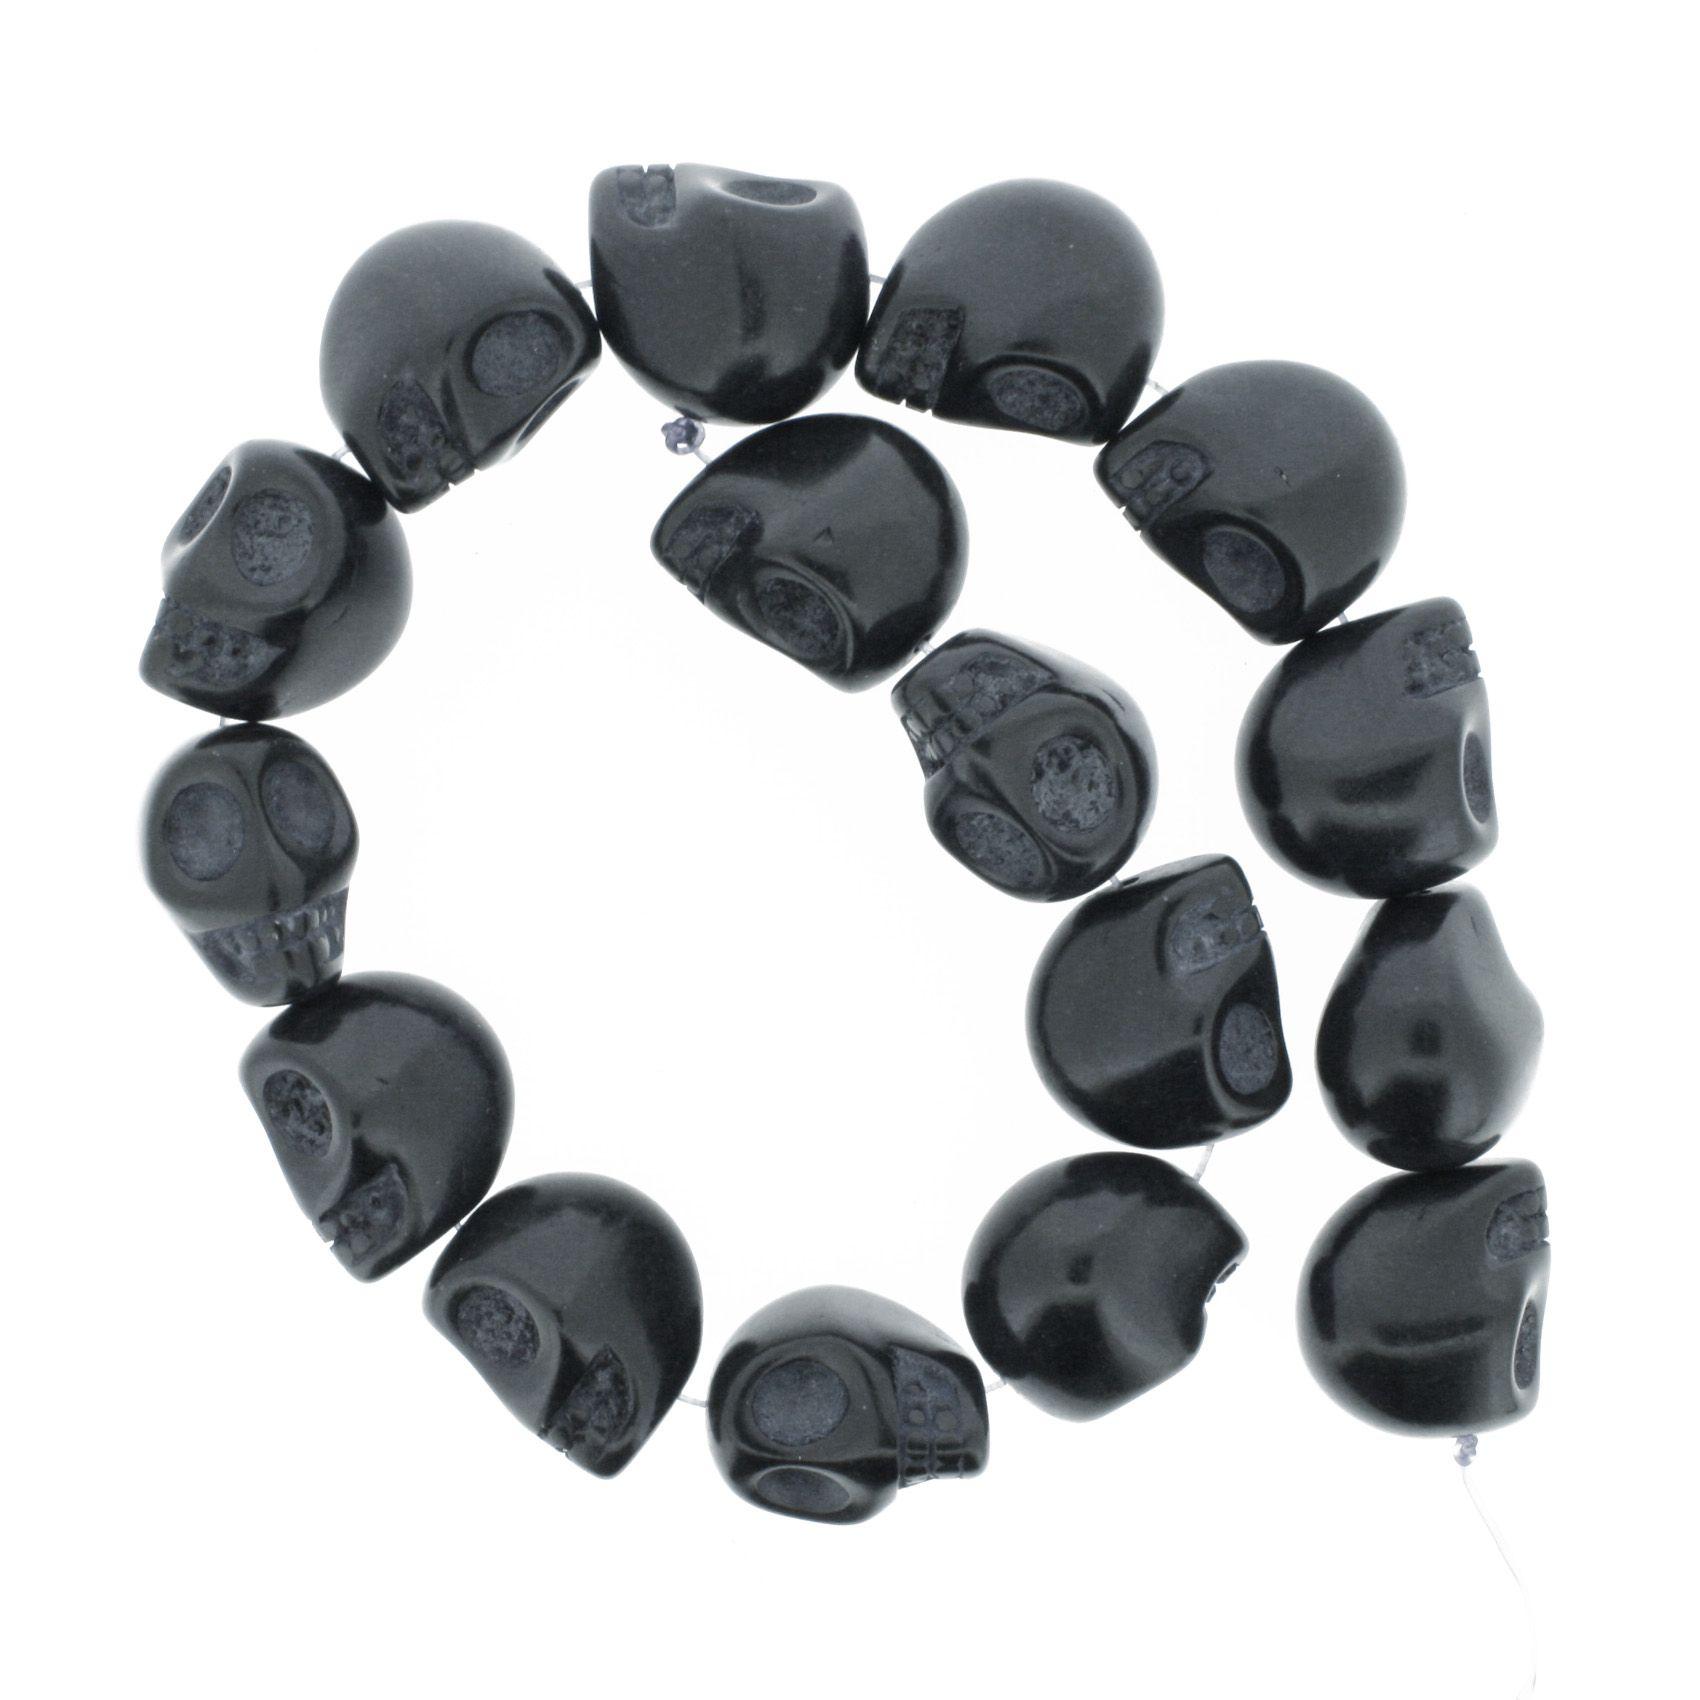 Fio de Caveira de Pedra - Preta - Grande - 22x17mm  - Stéphanie Bijoux® - Peças para Bijuterias e Artesanato